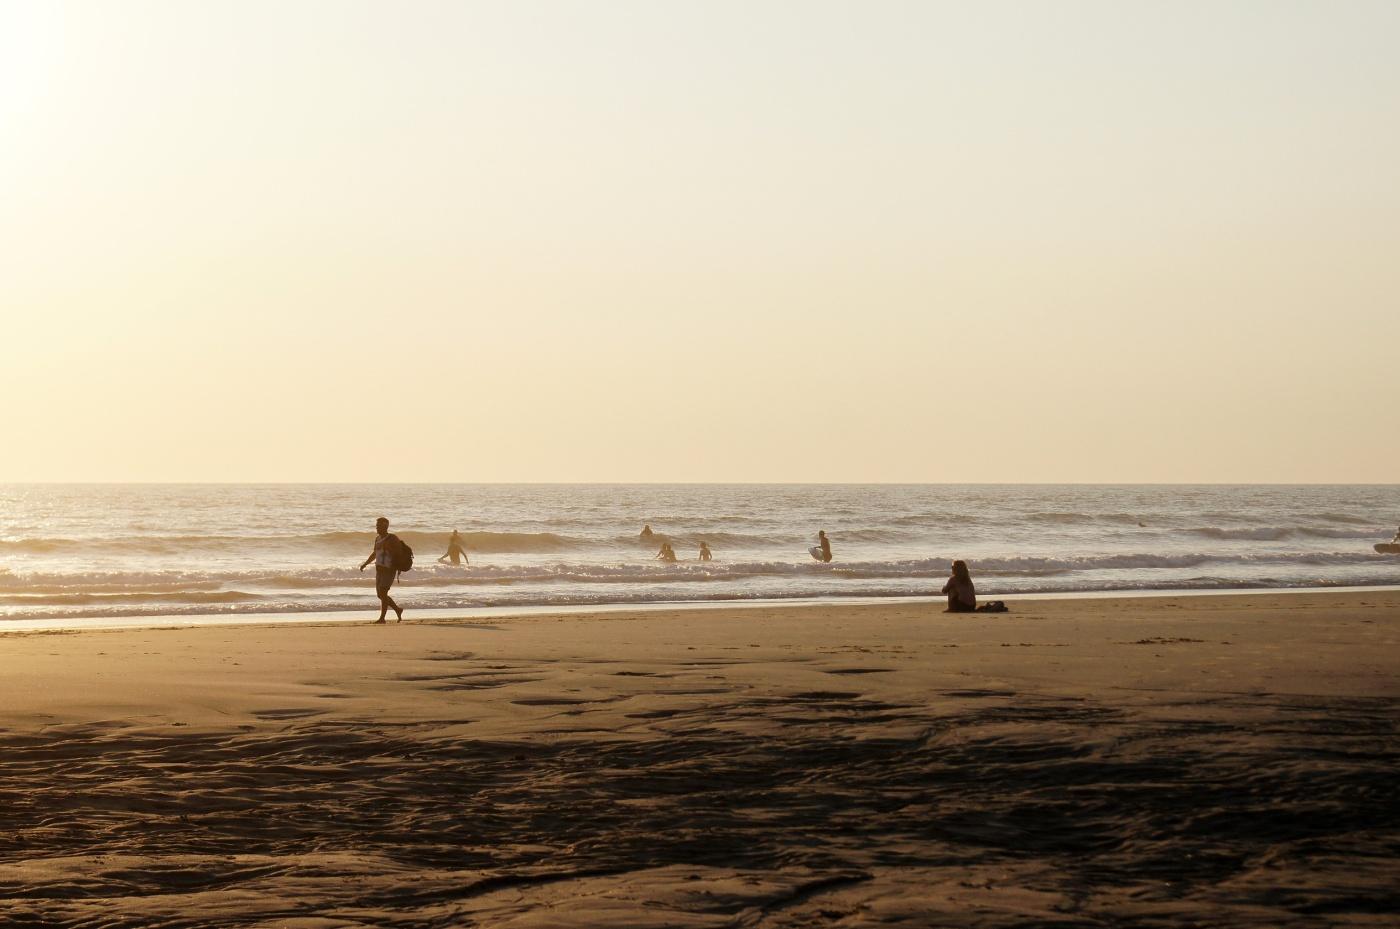 Les surfers et l'esprit feel good